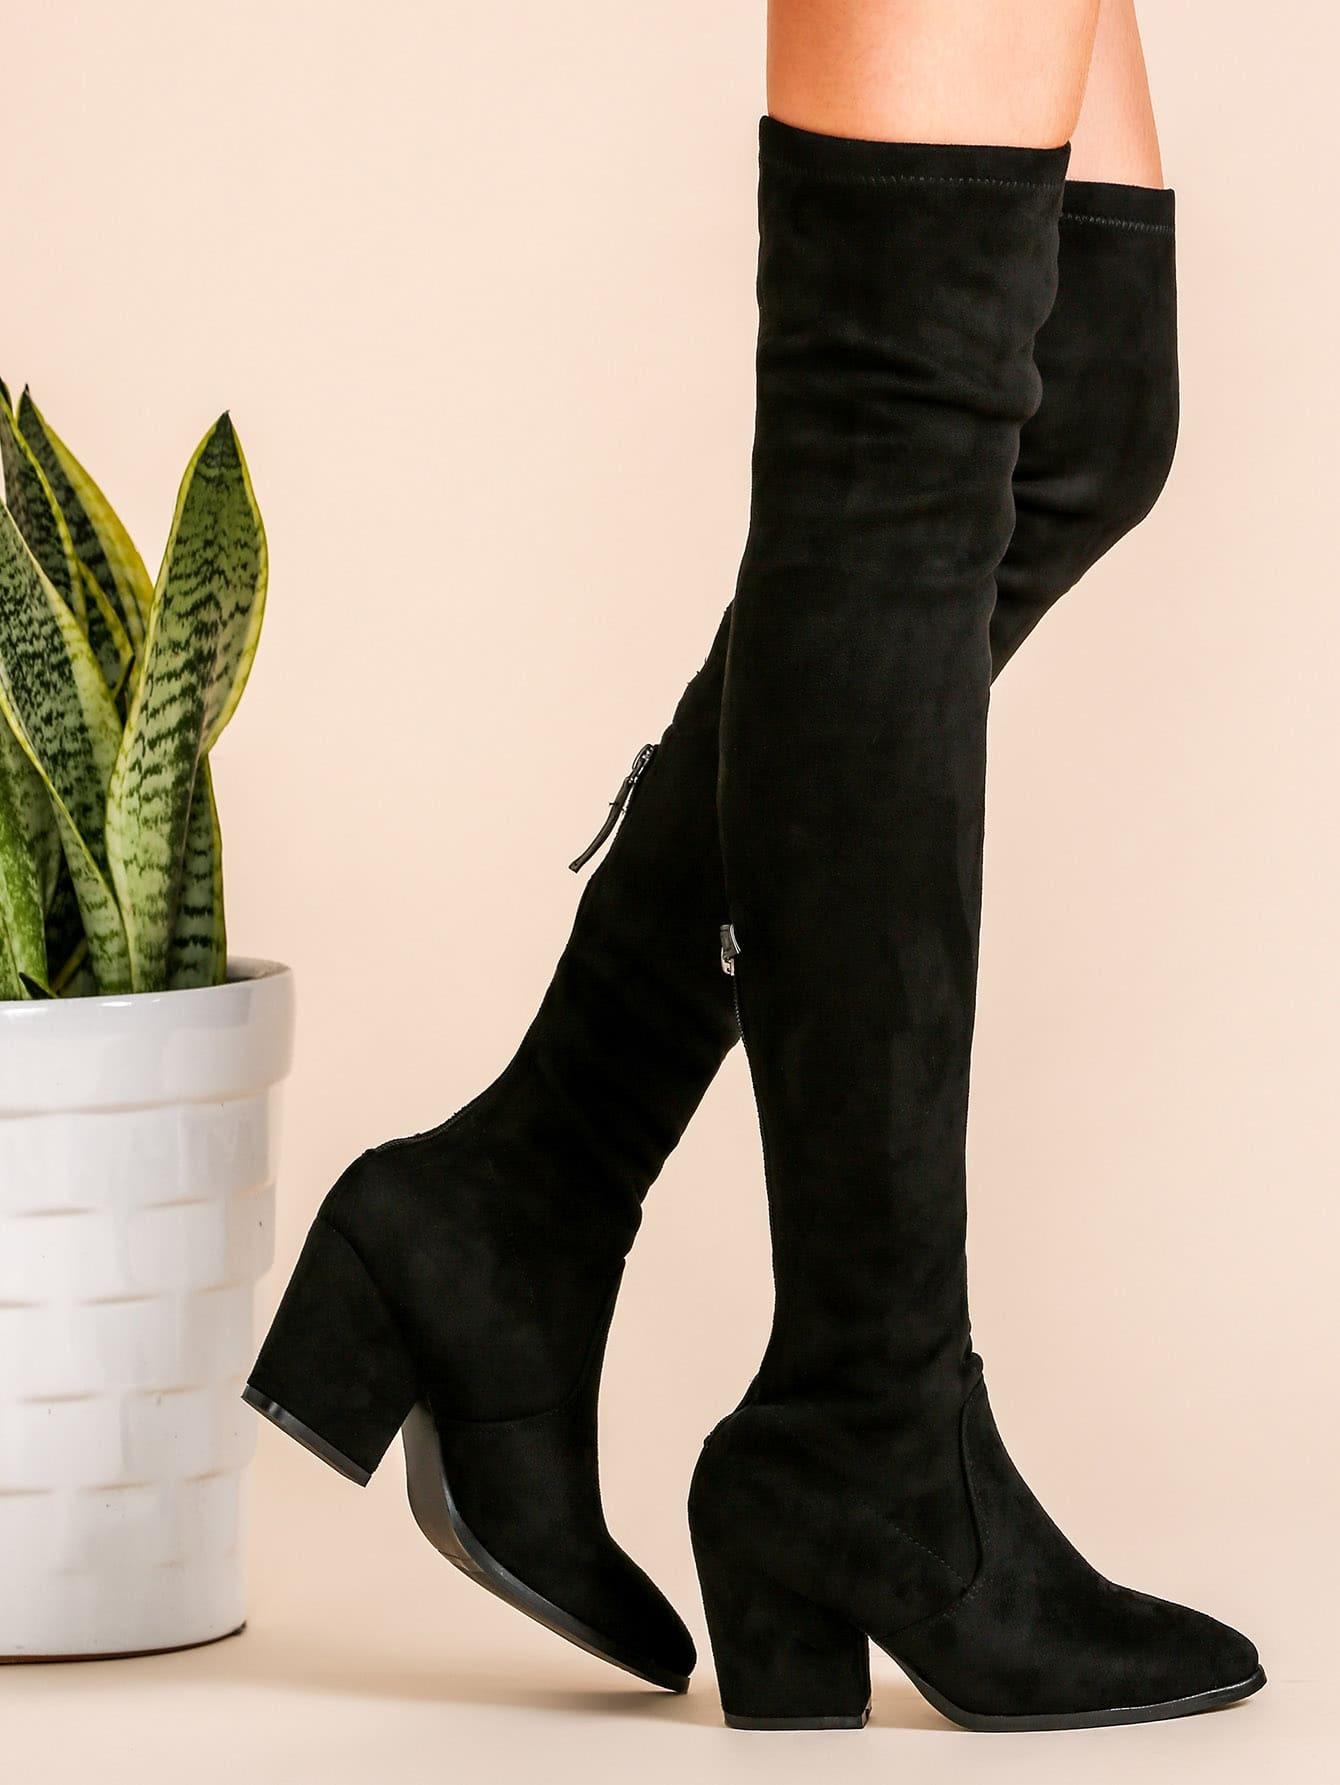 shoes161006813_2